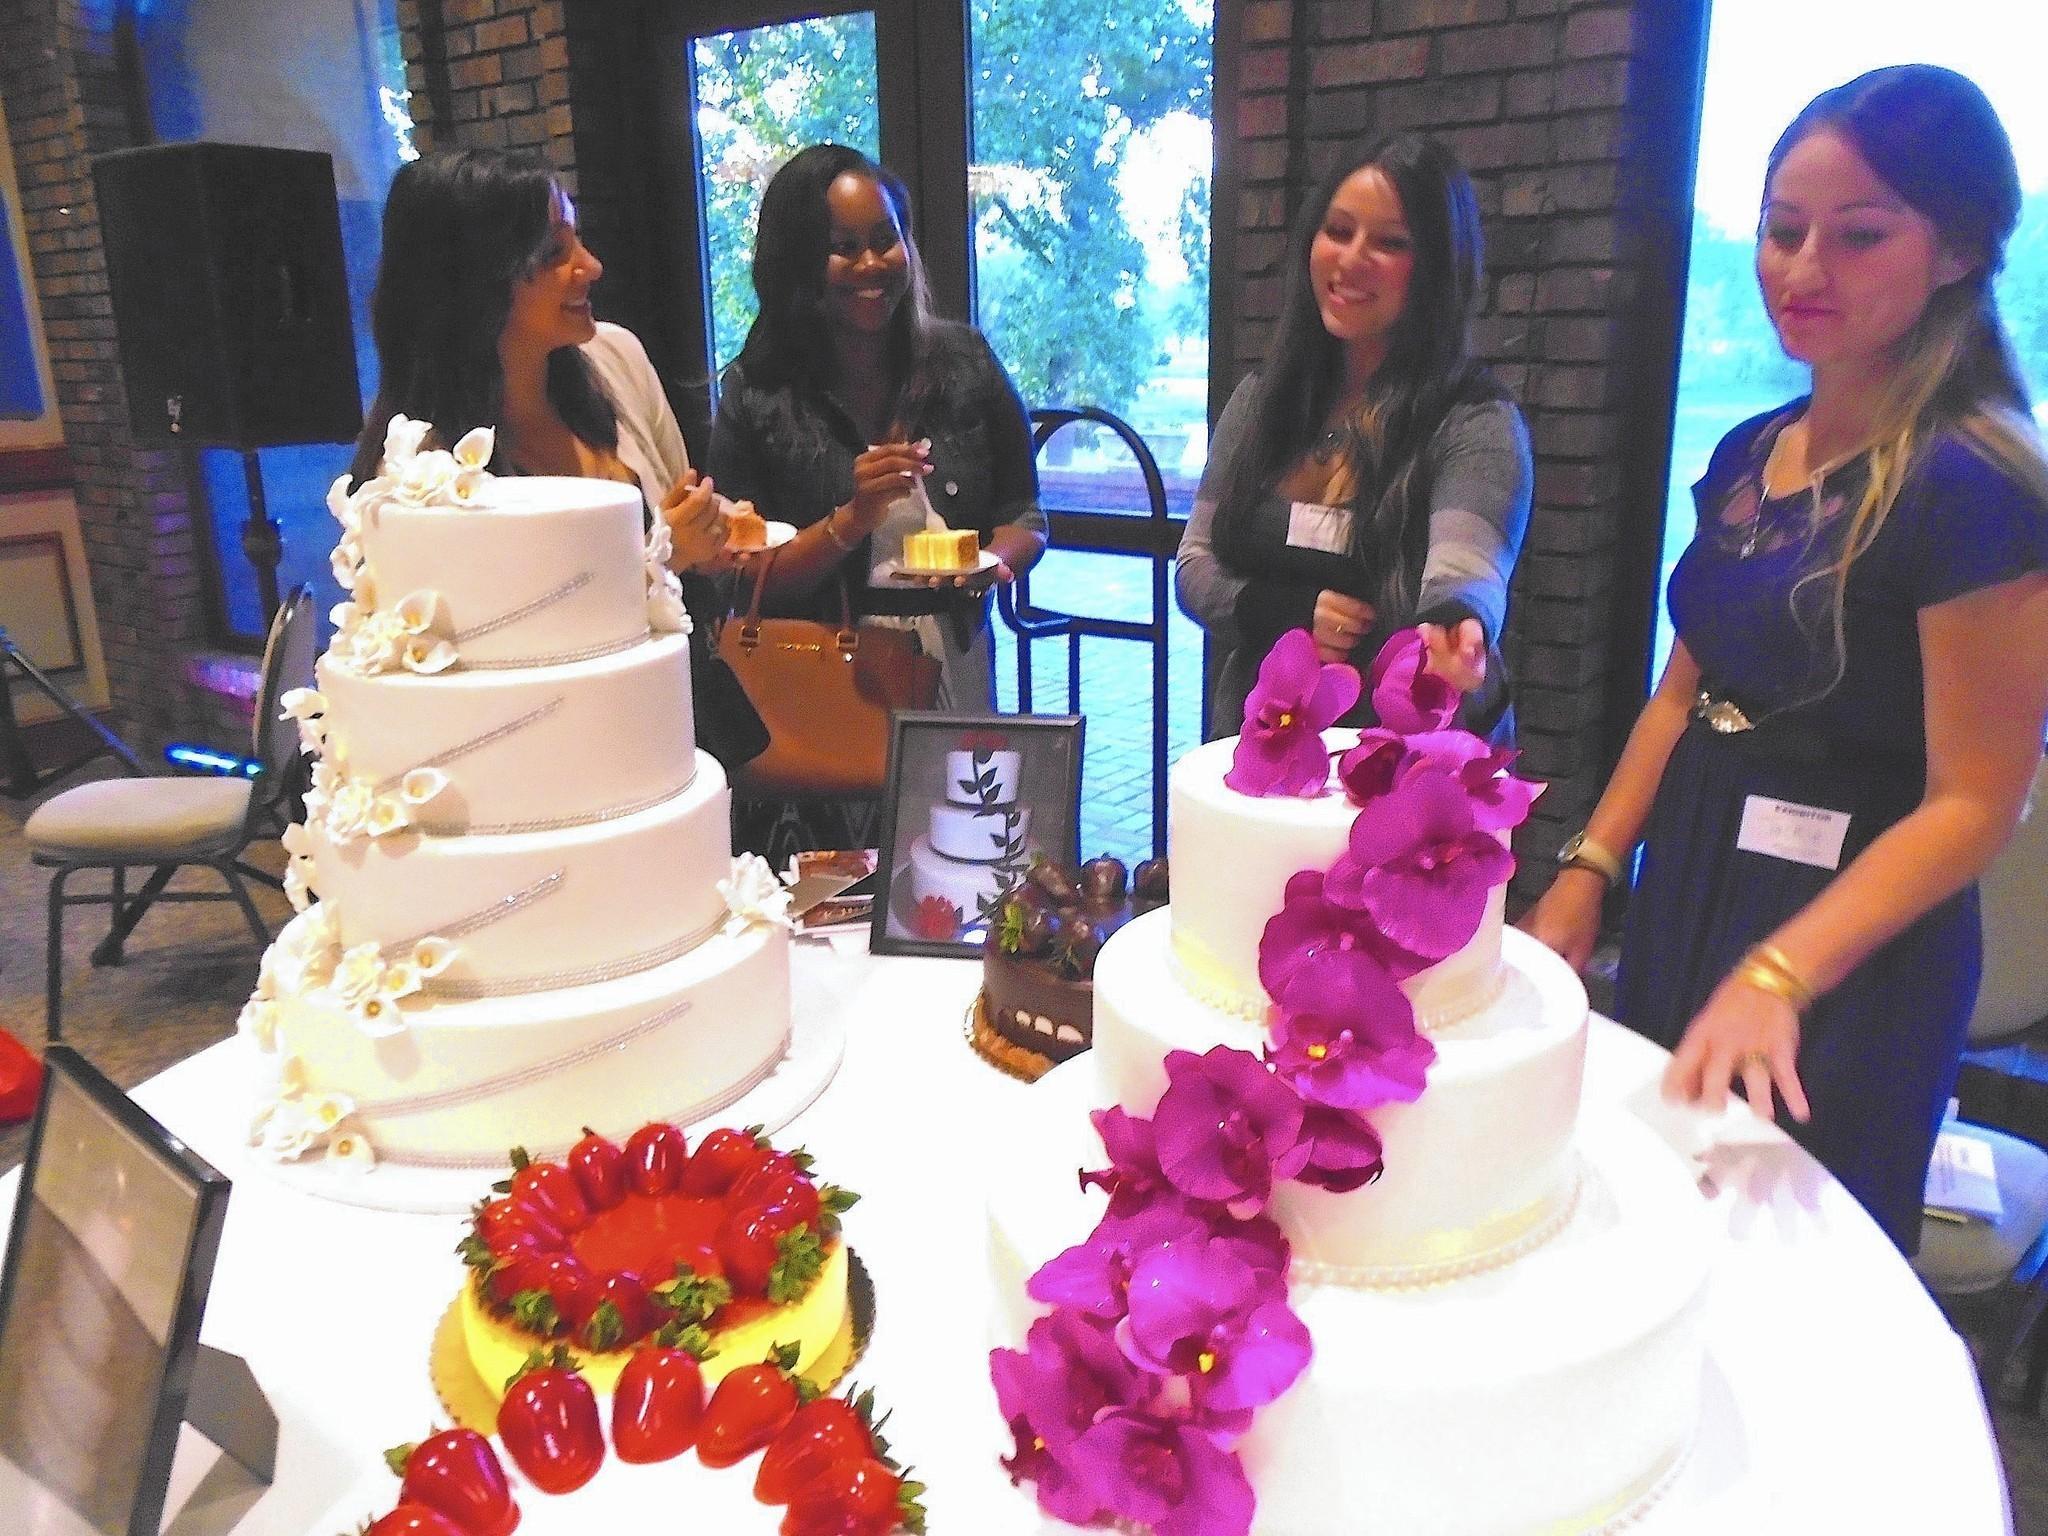 bridal fair Beaumont TX, bridal fair Port Arthur, bridal extravaganza Beaumont TX, Bridal Traditions Bridal Show Beaumont, bridal show Port Arthur, bridal fair Mid County